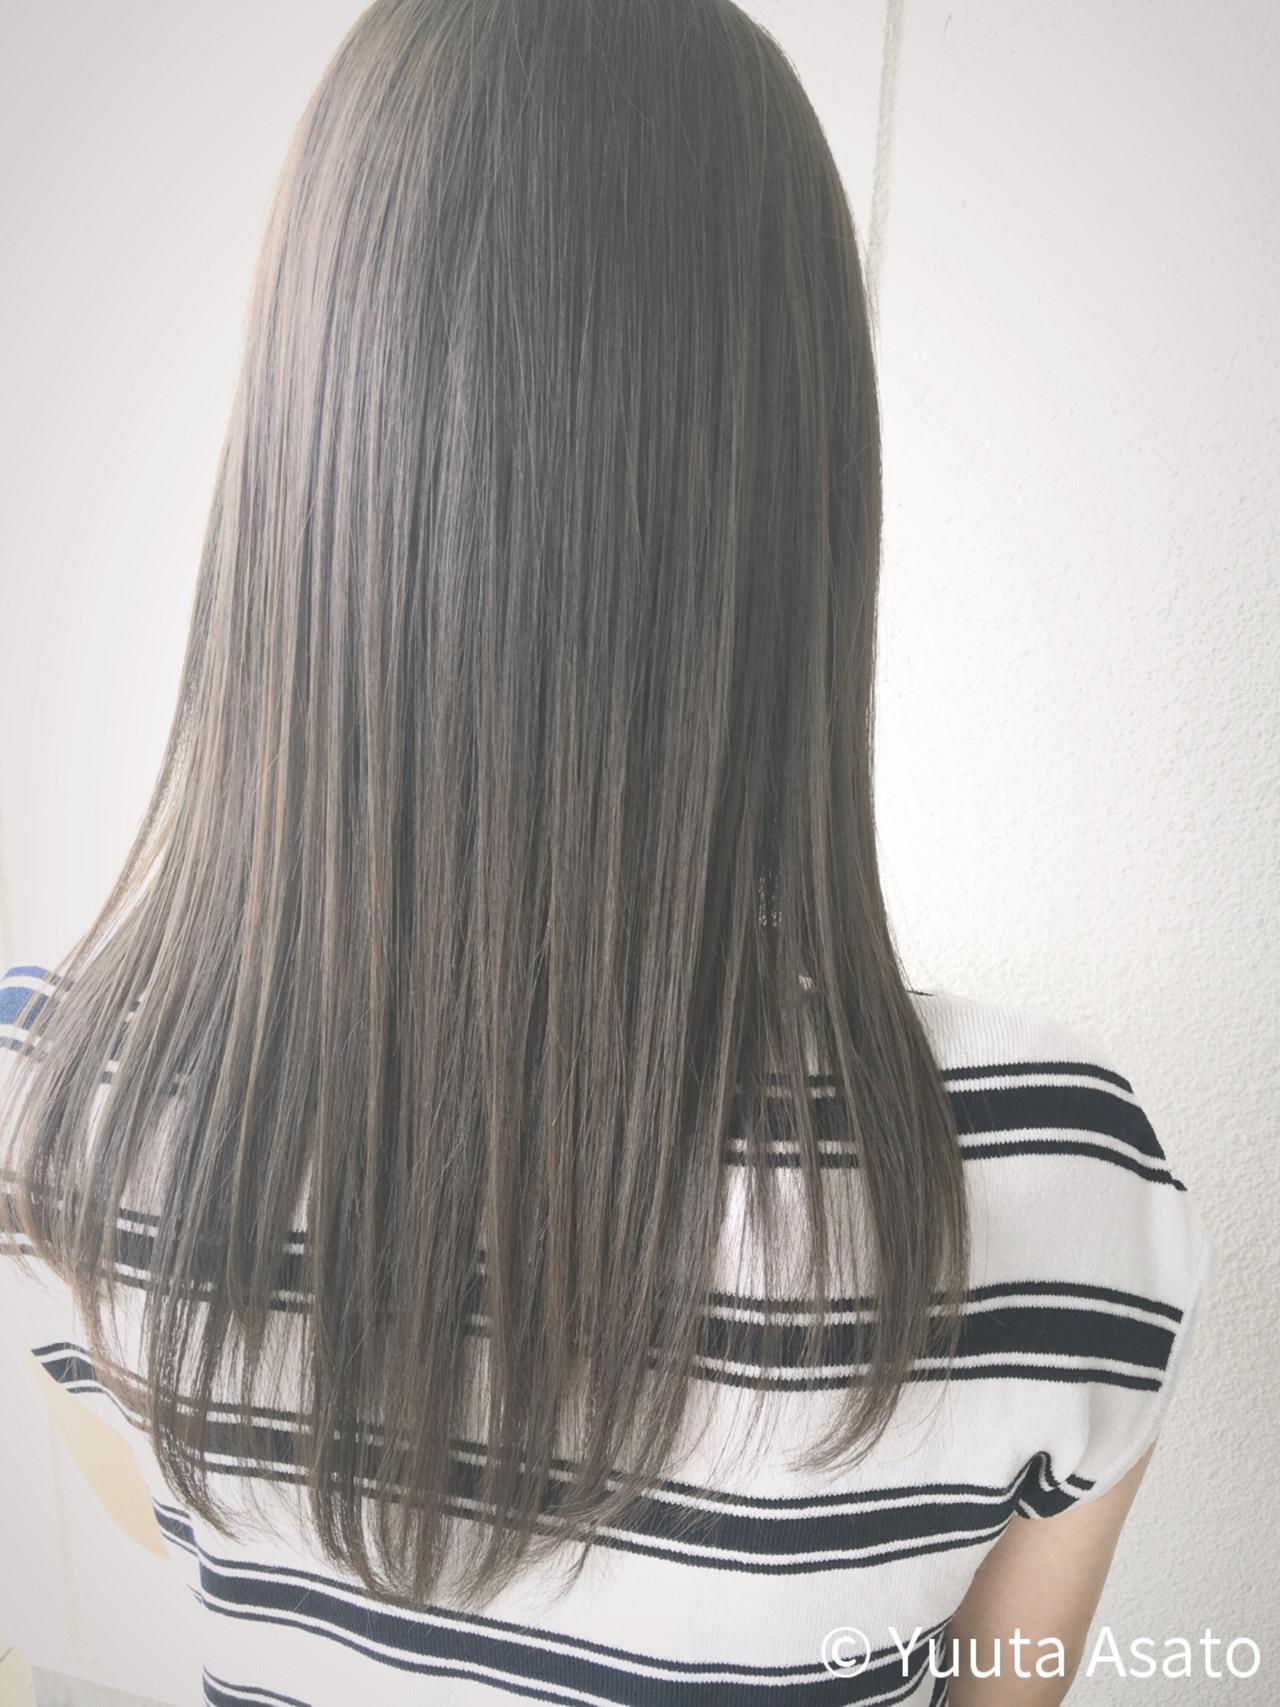 ストレートヘアアレンジに大活躍!スタイリング剤編 Yuuta Asato